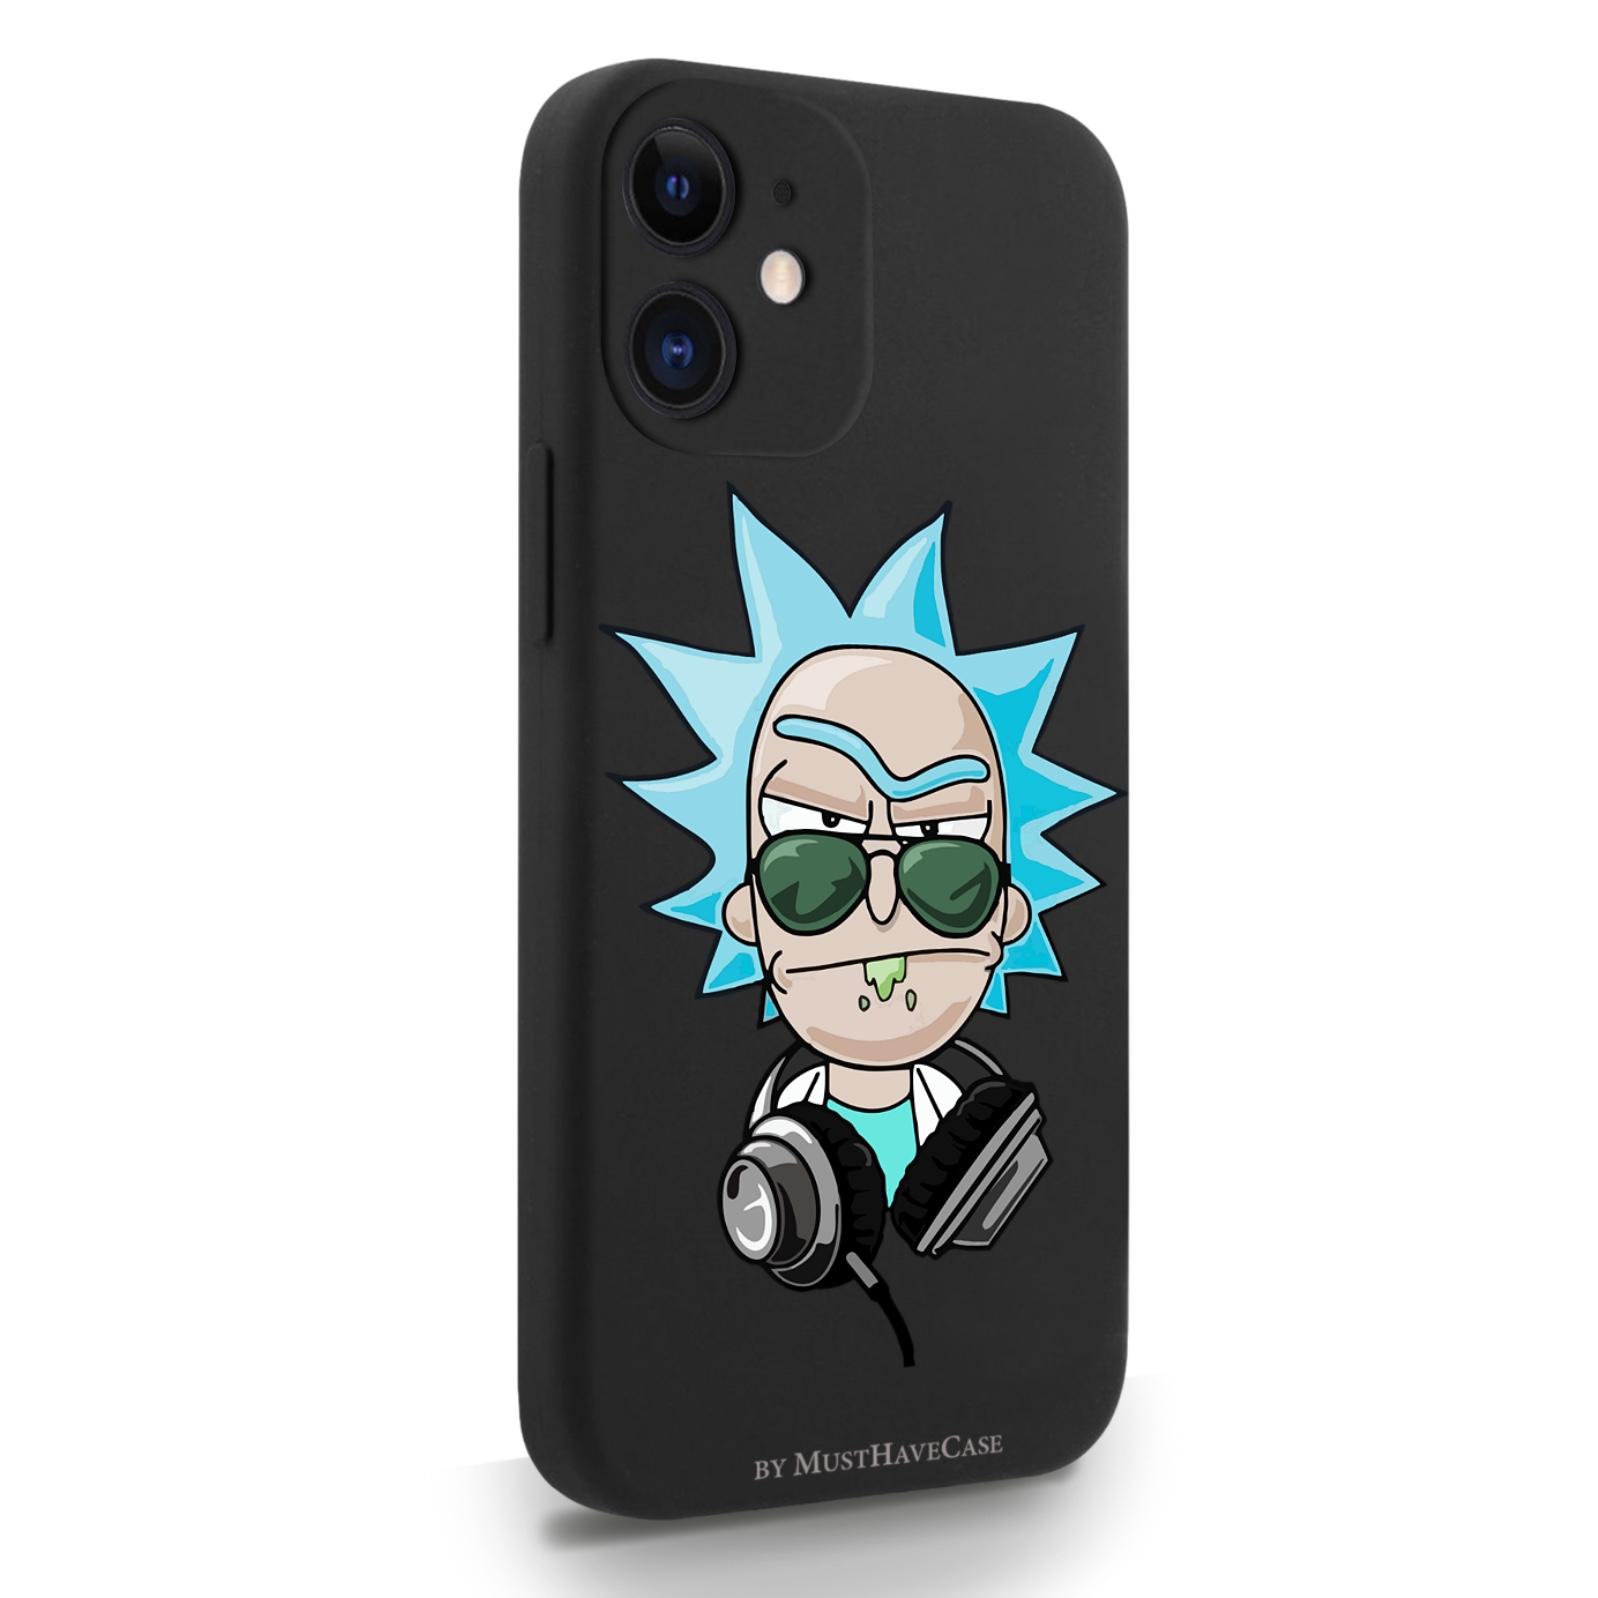 Черный силиконовый чехол для iPhone 12 Mini Rick/ Рик и морти для Айфон 12 Мини